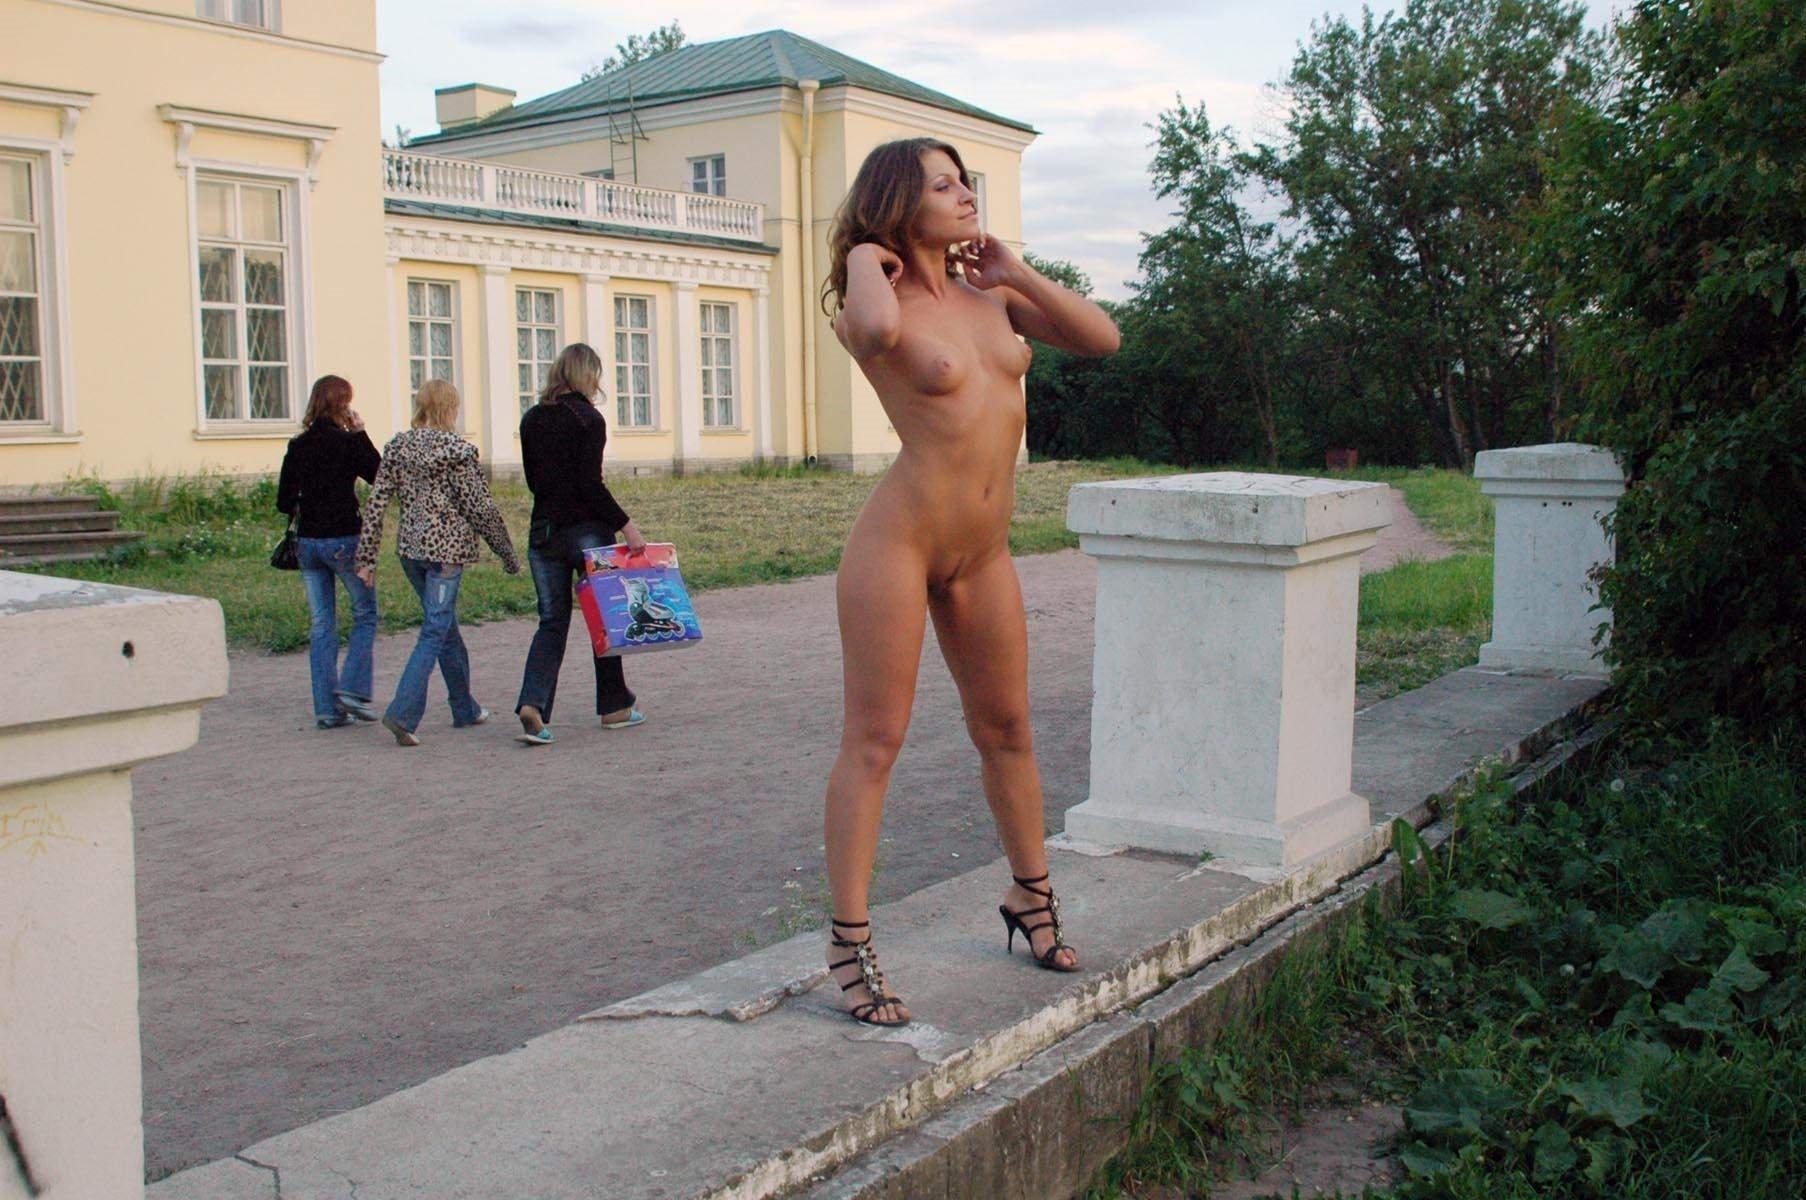 posmotret-goluyu-devushku-v-smolenske-bez-trusikov-tolko-v-smolensk